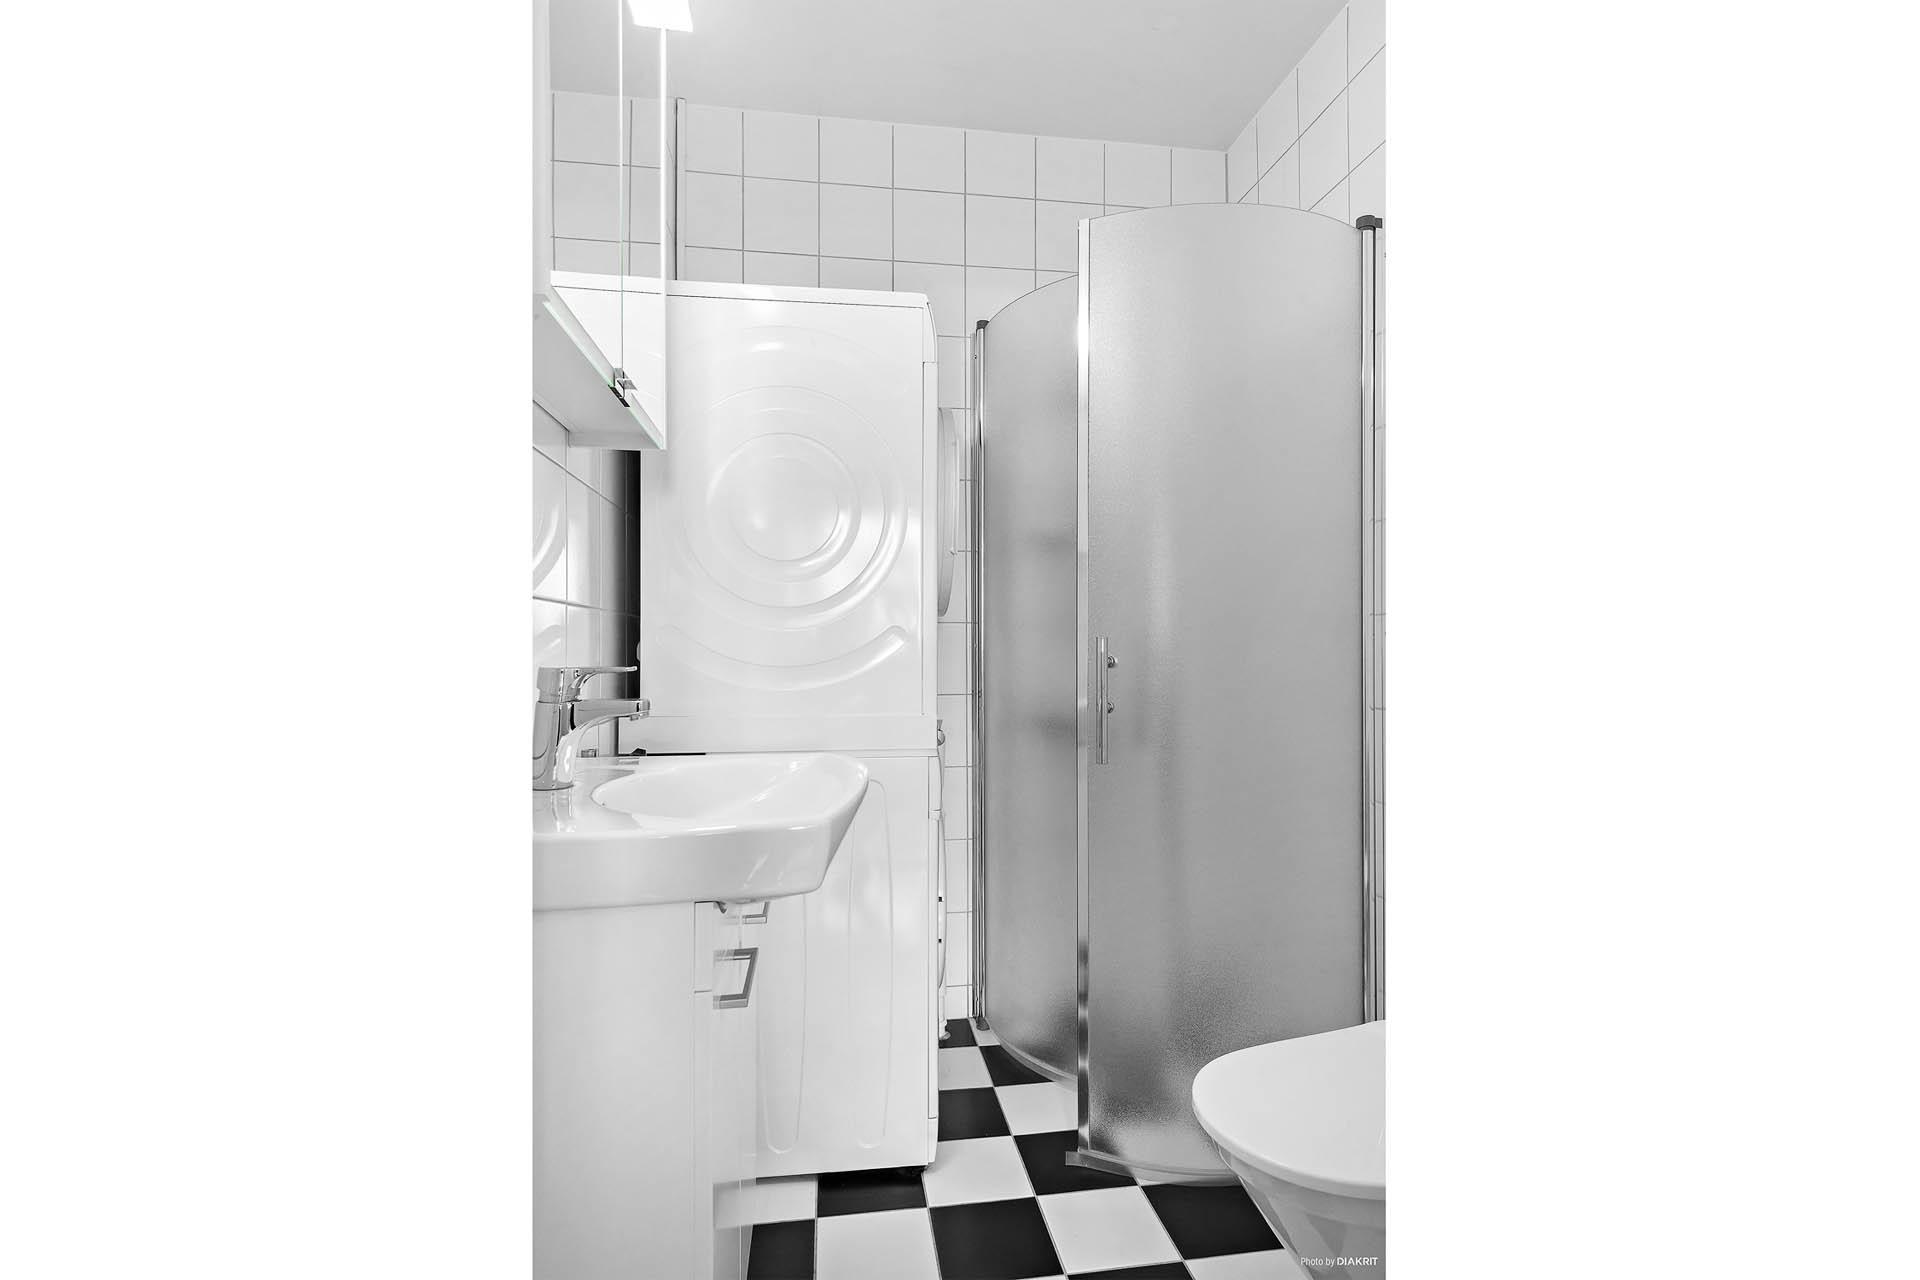 Välkommen till Näsbychaussén 64a! Helt nytt helkaklat badrum med dusch,wc, handfat och egen tvättpelare. Dokumentation och våtrumsintyg finns!